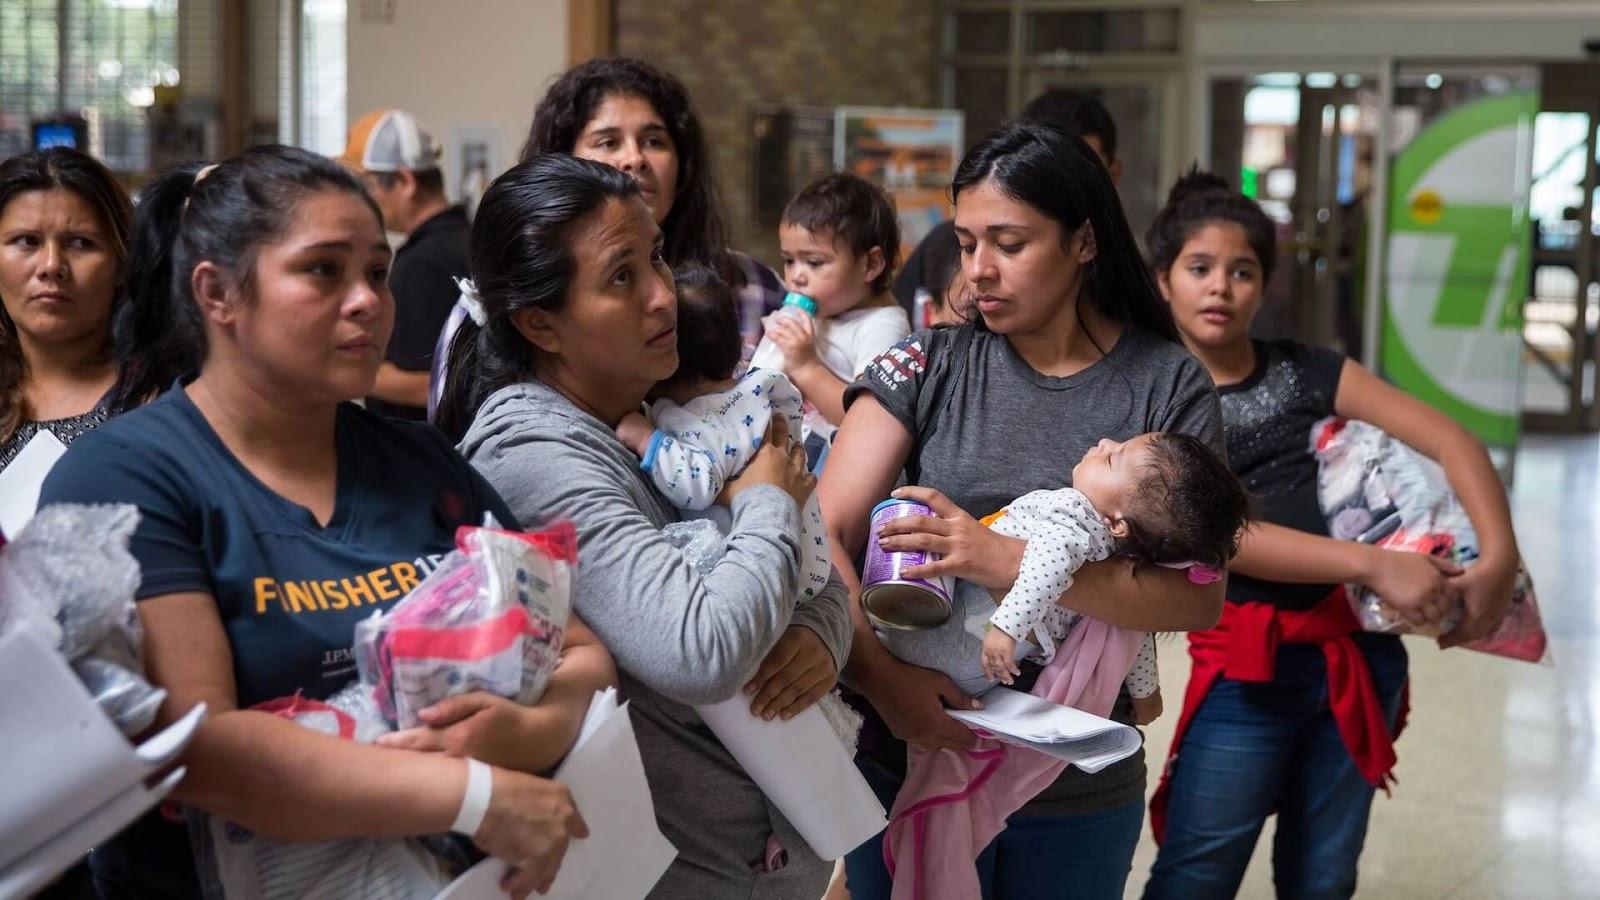 imagen de madres cargando a sus bebes.